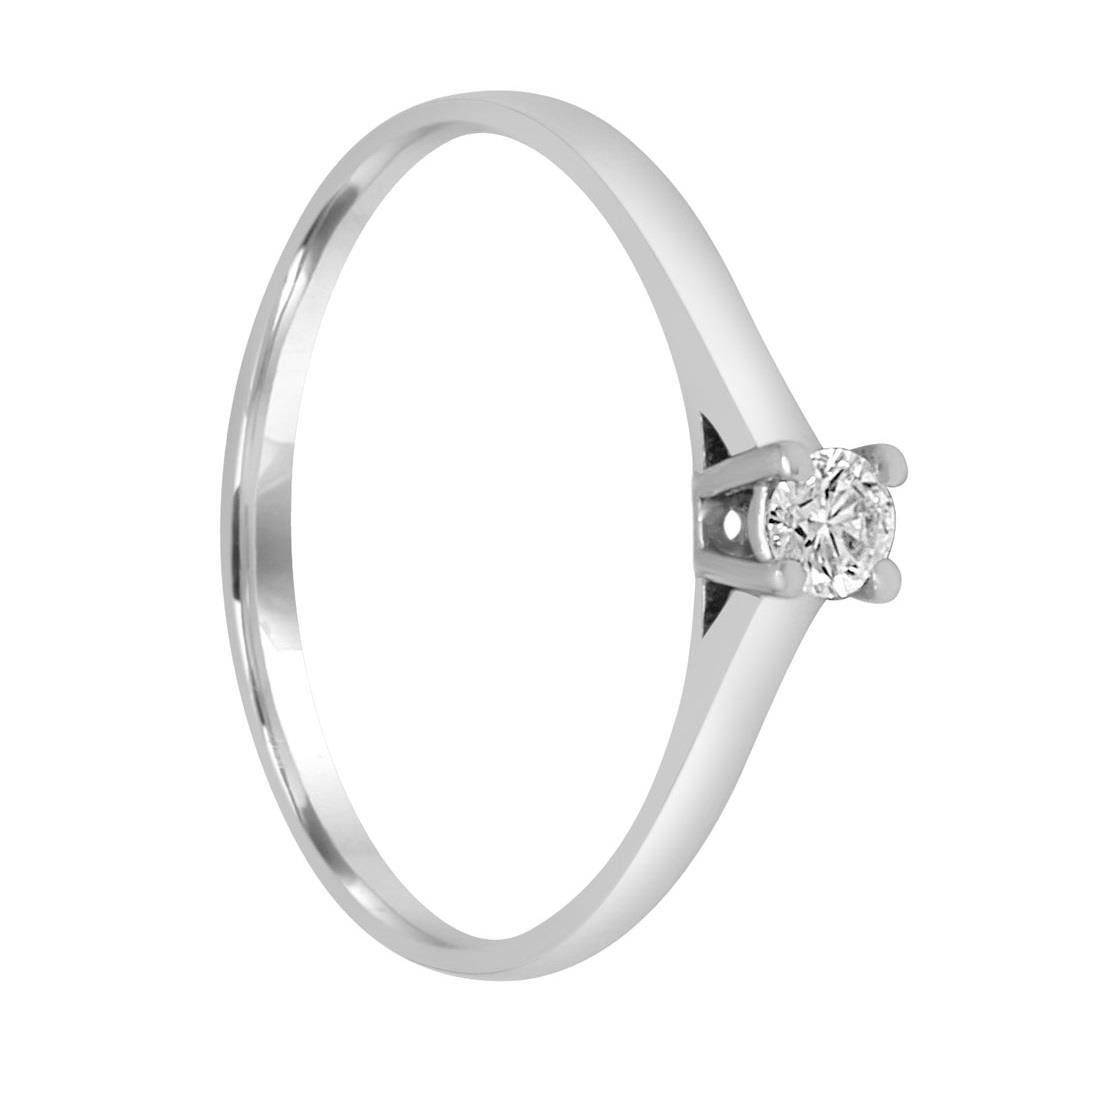 Anello solitario in oro bianco con diamante mis 14 - ORO&CO